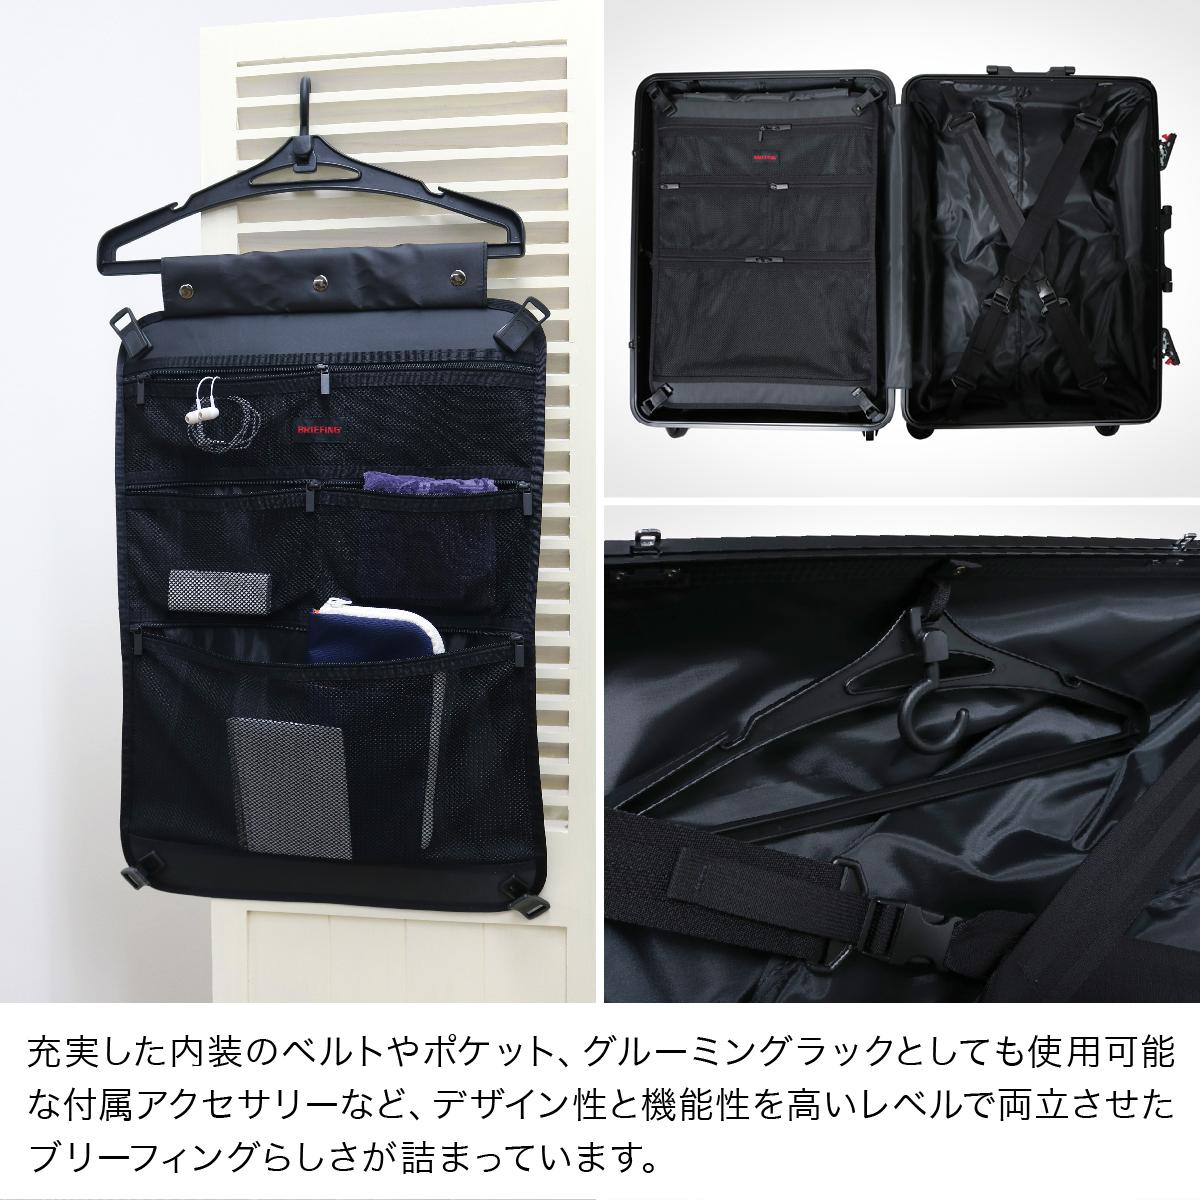 ブリーフィング スーツケース|100L 69cm 5.8kg BRF305219 H-100| ハード フレーム 静音 TSAロック搭載 [PO10][bef][即日発送]